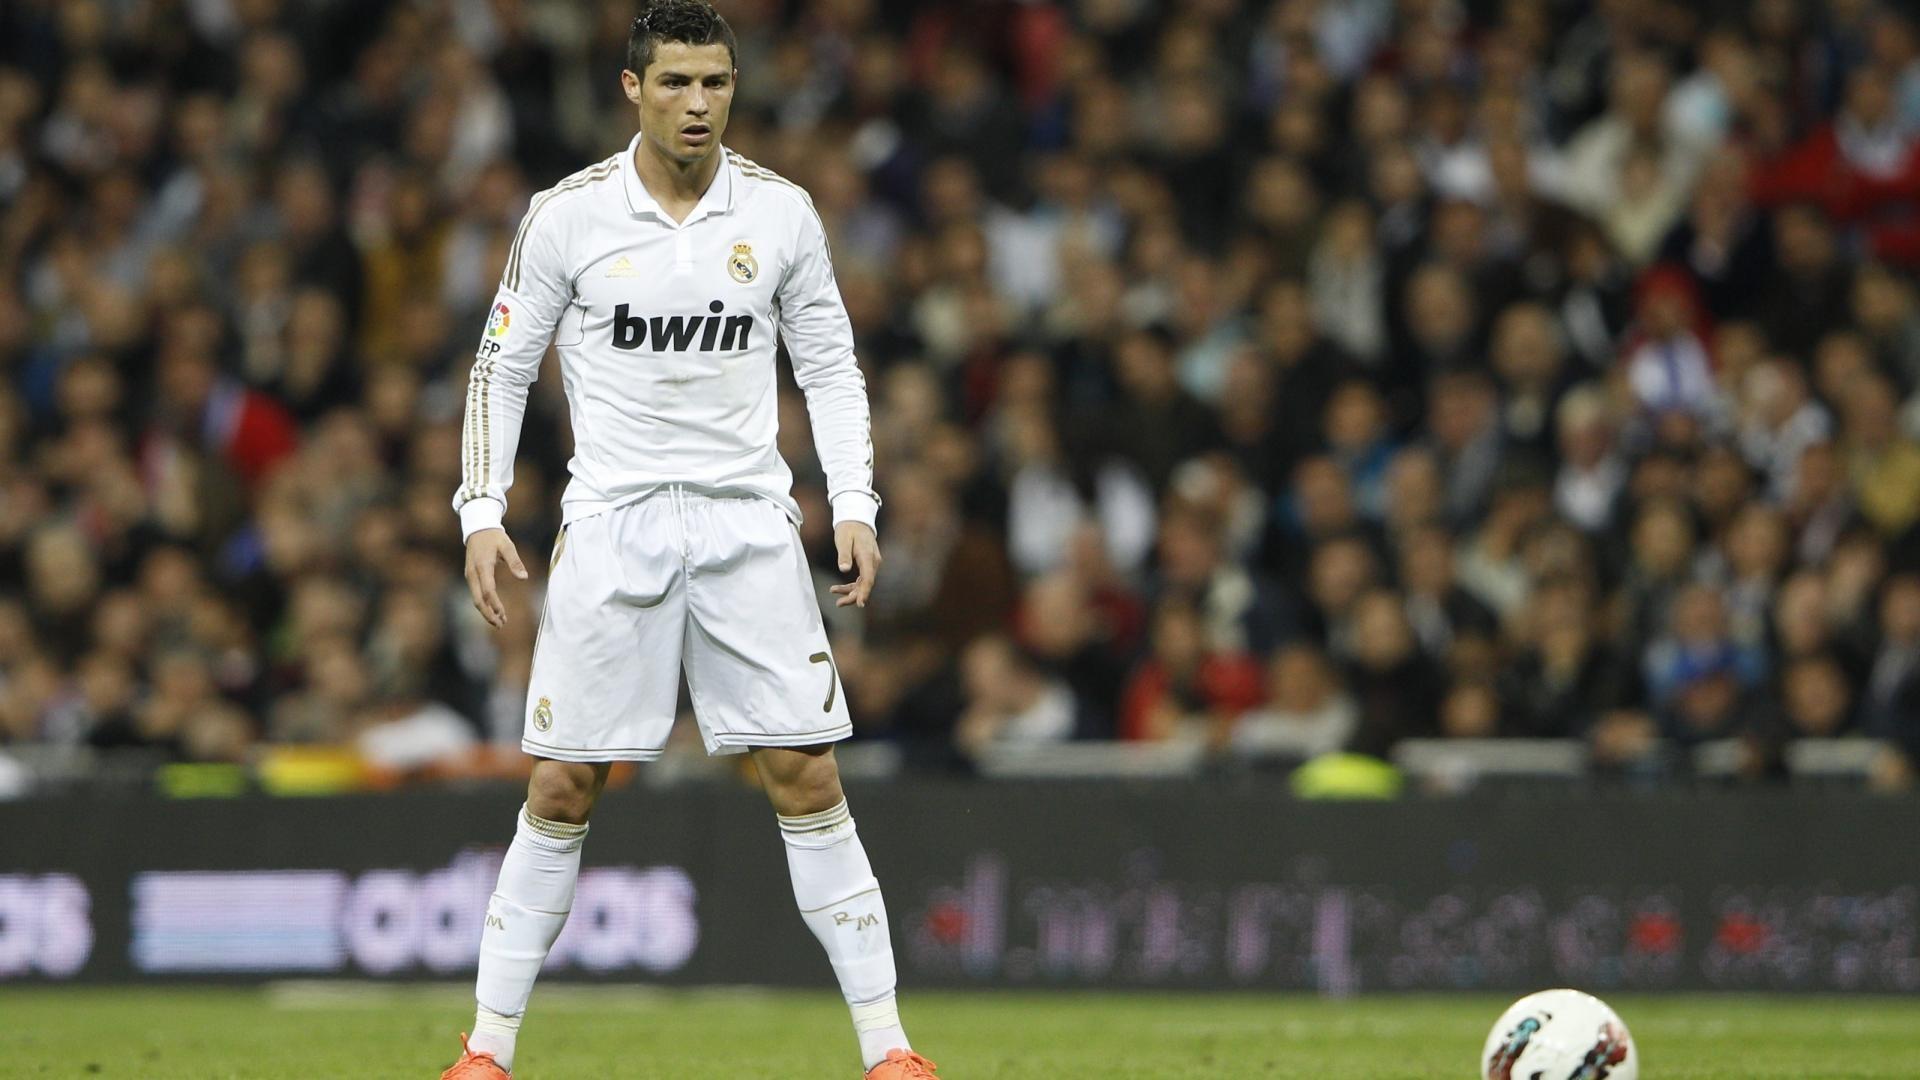 Footballer 2016 Cristiano Ronaldo Wallpaper | cr7 2 | Pinterest | Ronaldo, Cristiano  ronaldo and Wallpaper